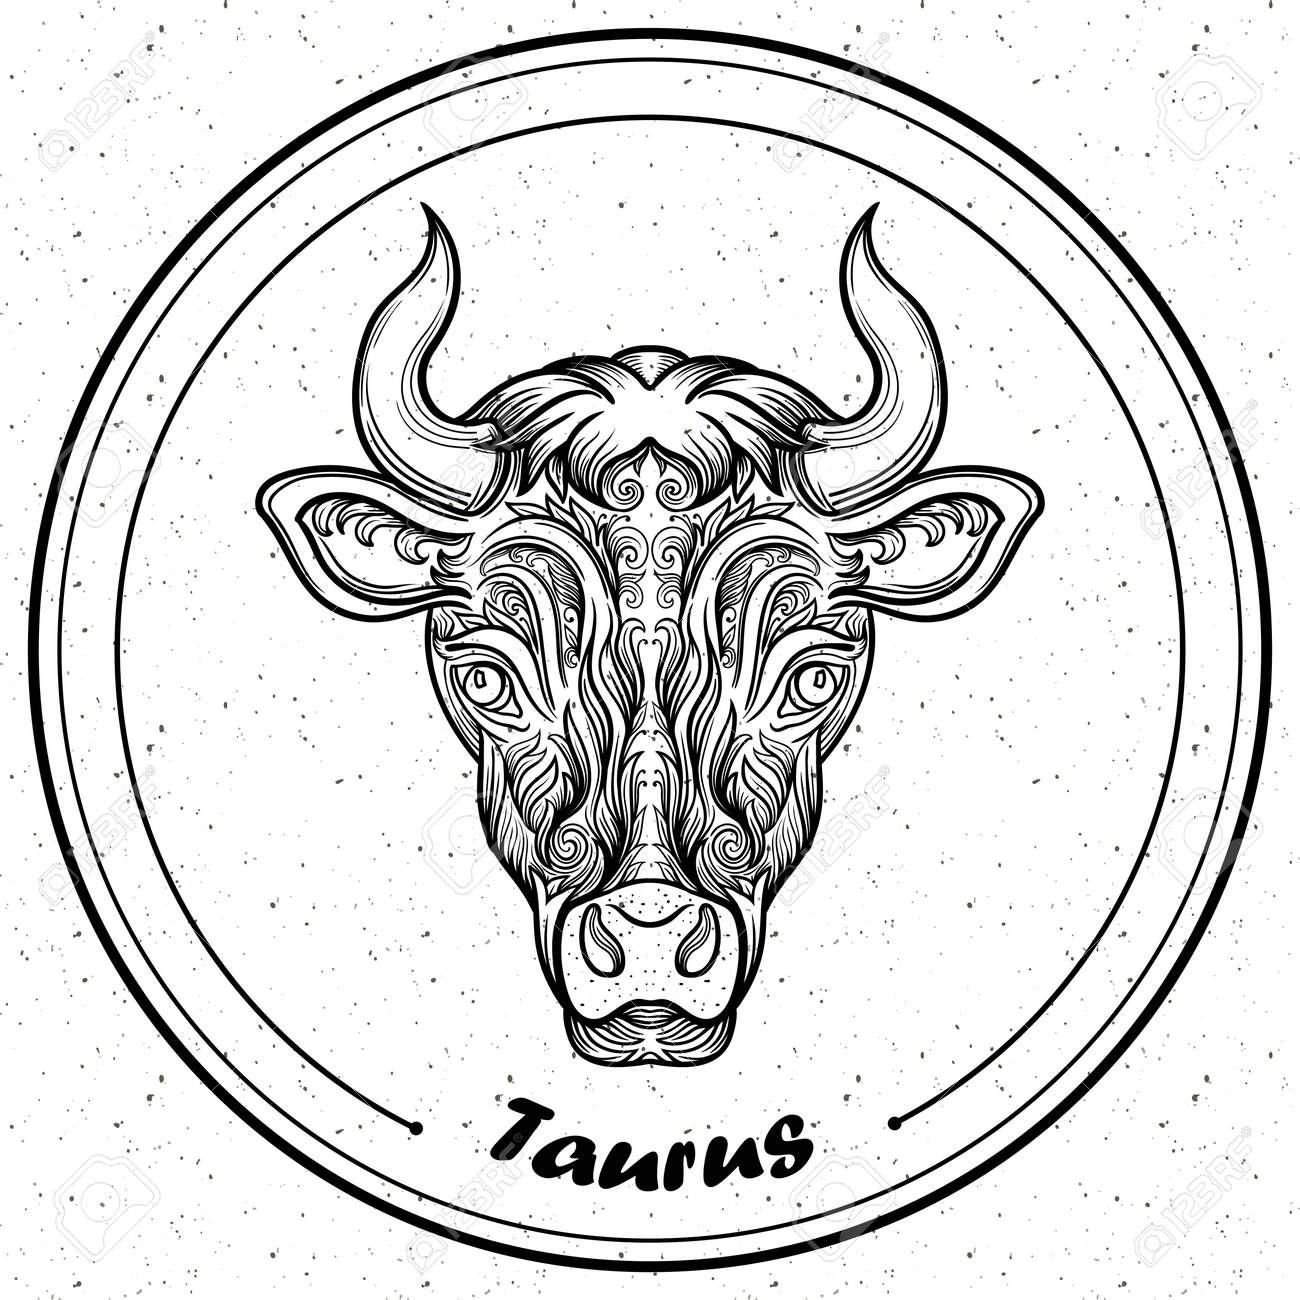 Detaillierte Stier In Aztekischer Filigrane Linie Art Stil Tattoo